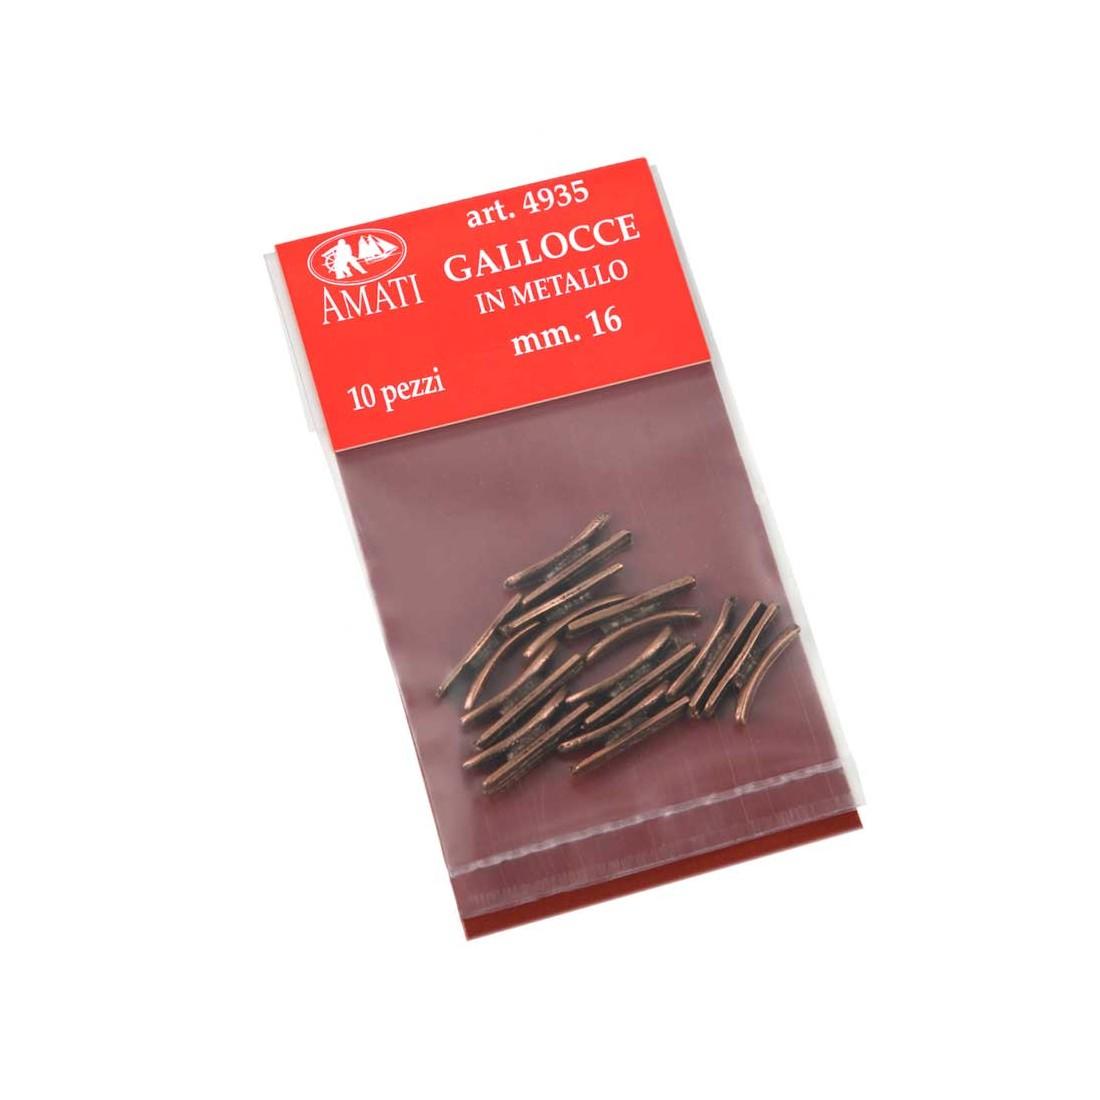 Taquets en métal mm.16